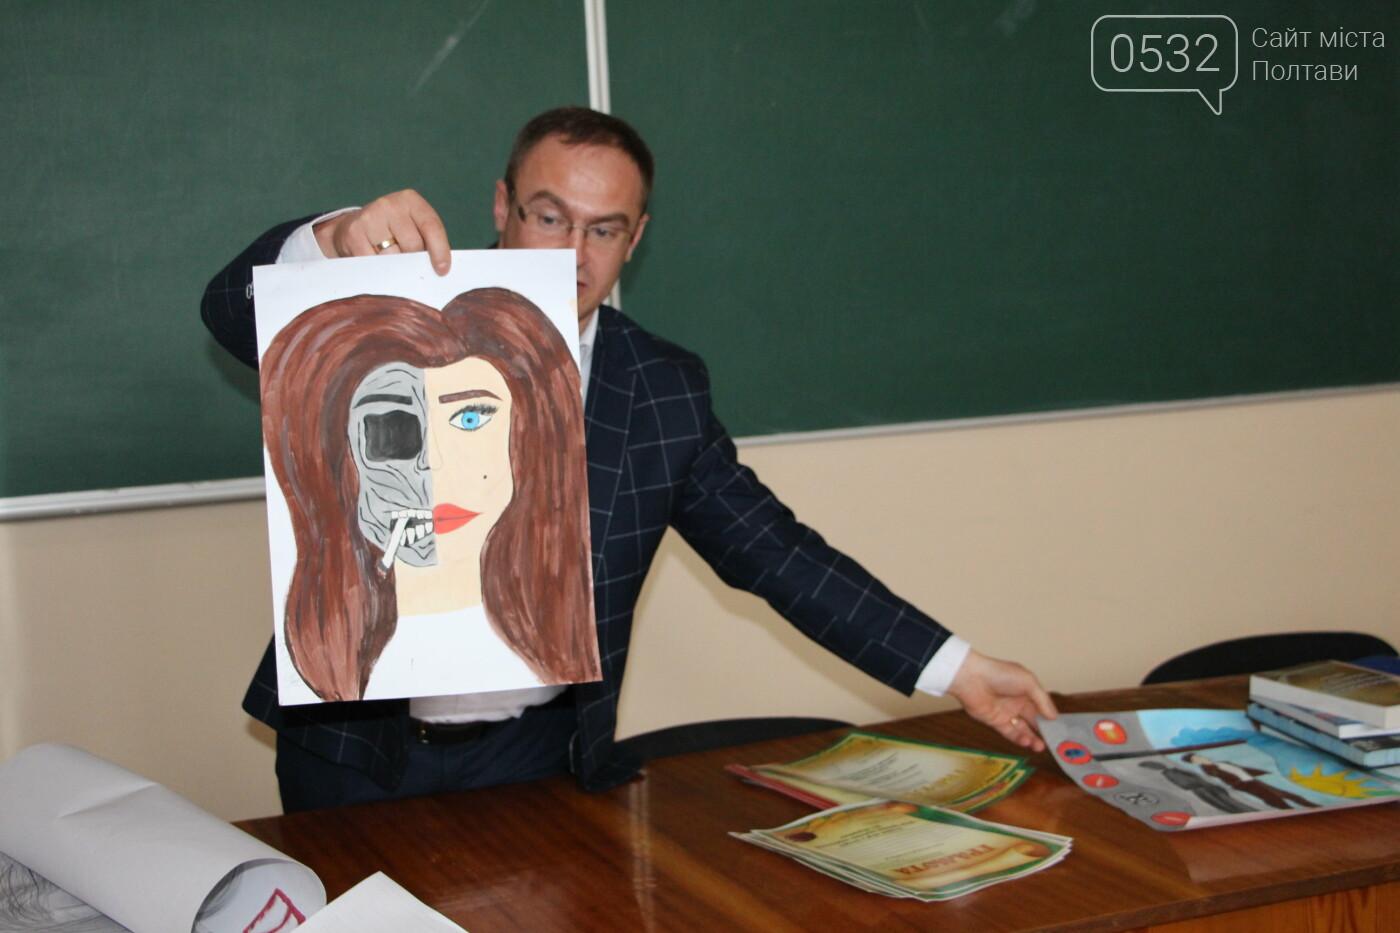 У Полтаві провели конкурс на кращий соціальний ролик серед студентів (ФОТО), фото-3